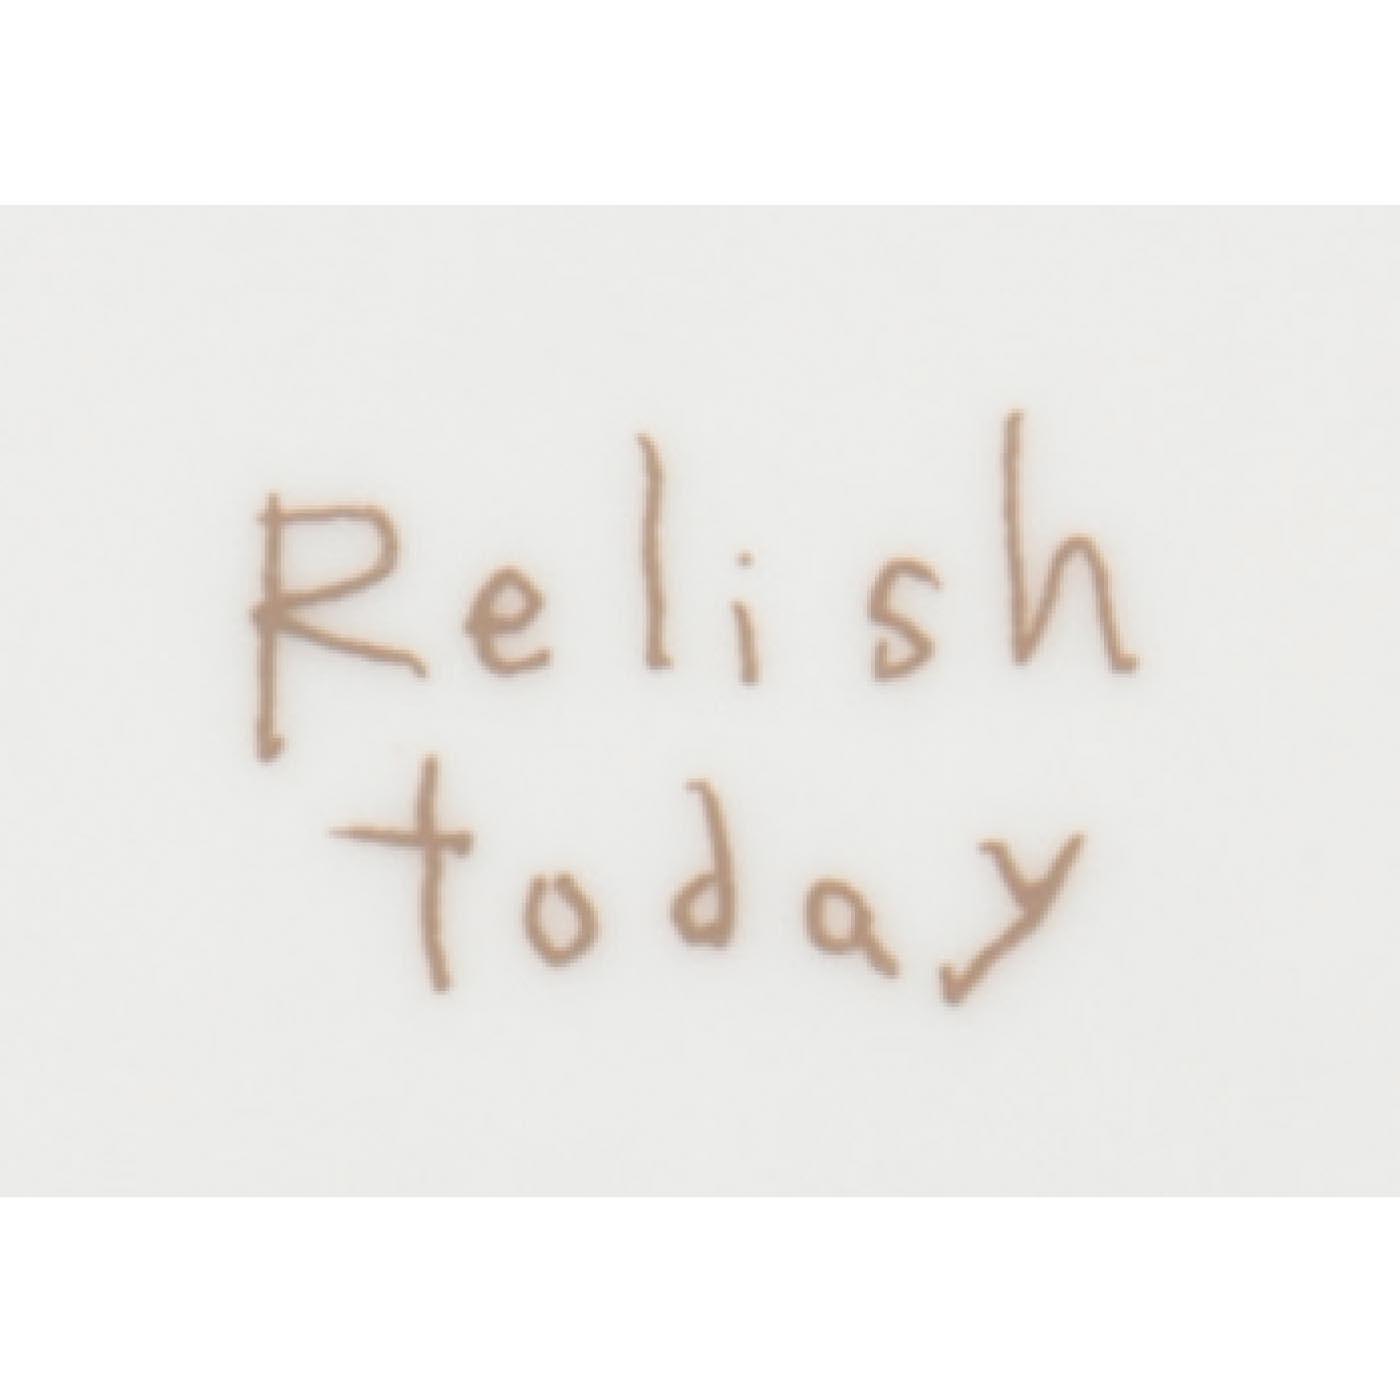 裏には「Relish today」のロゴ入り。